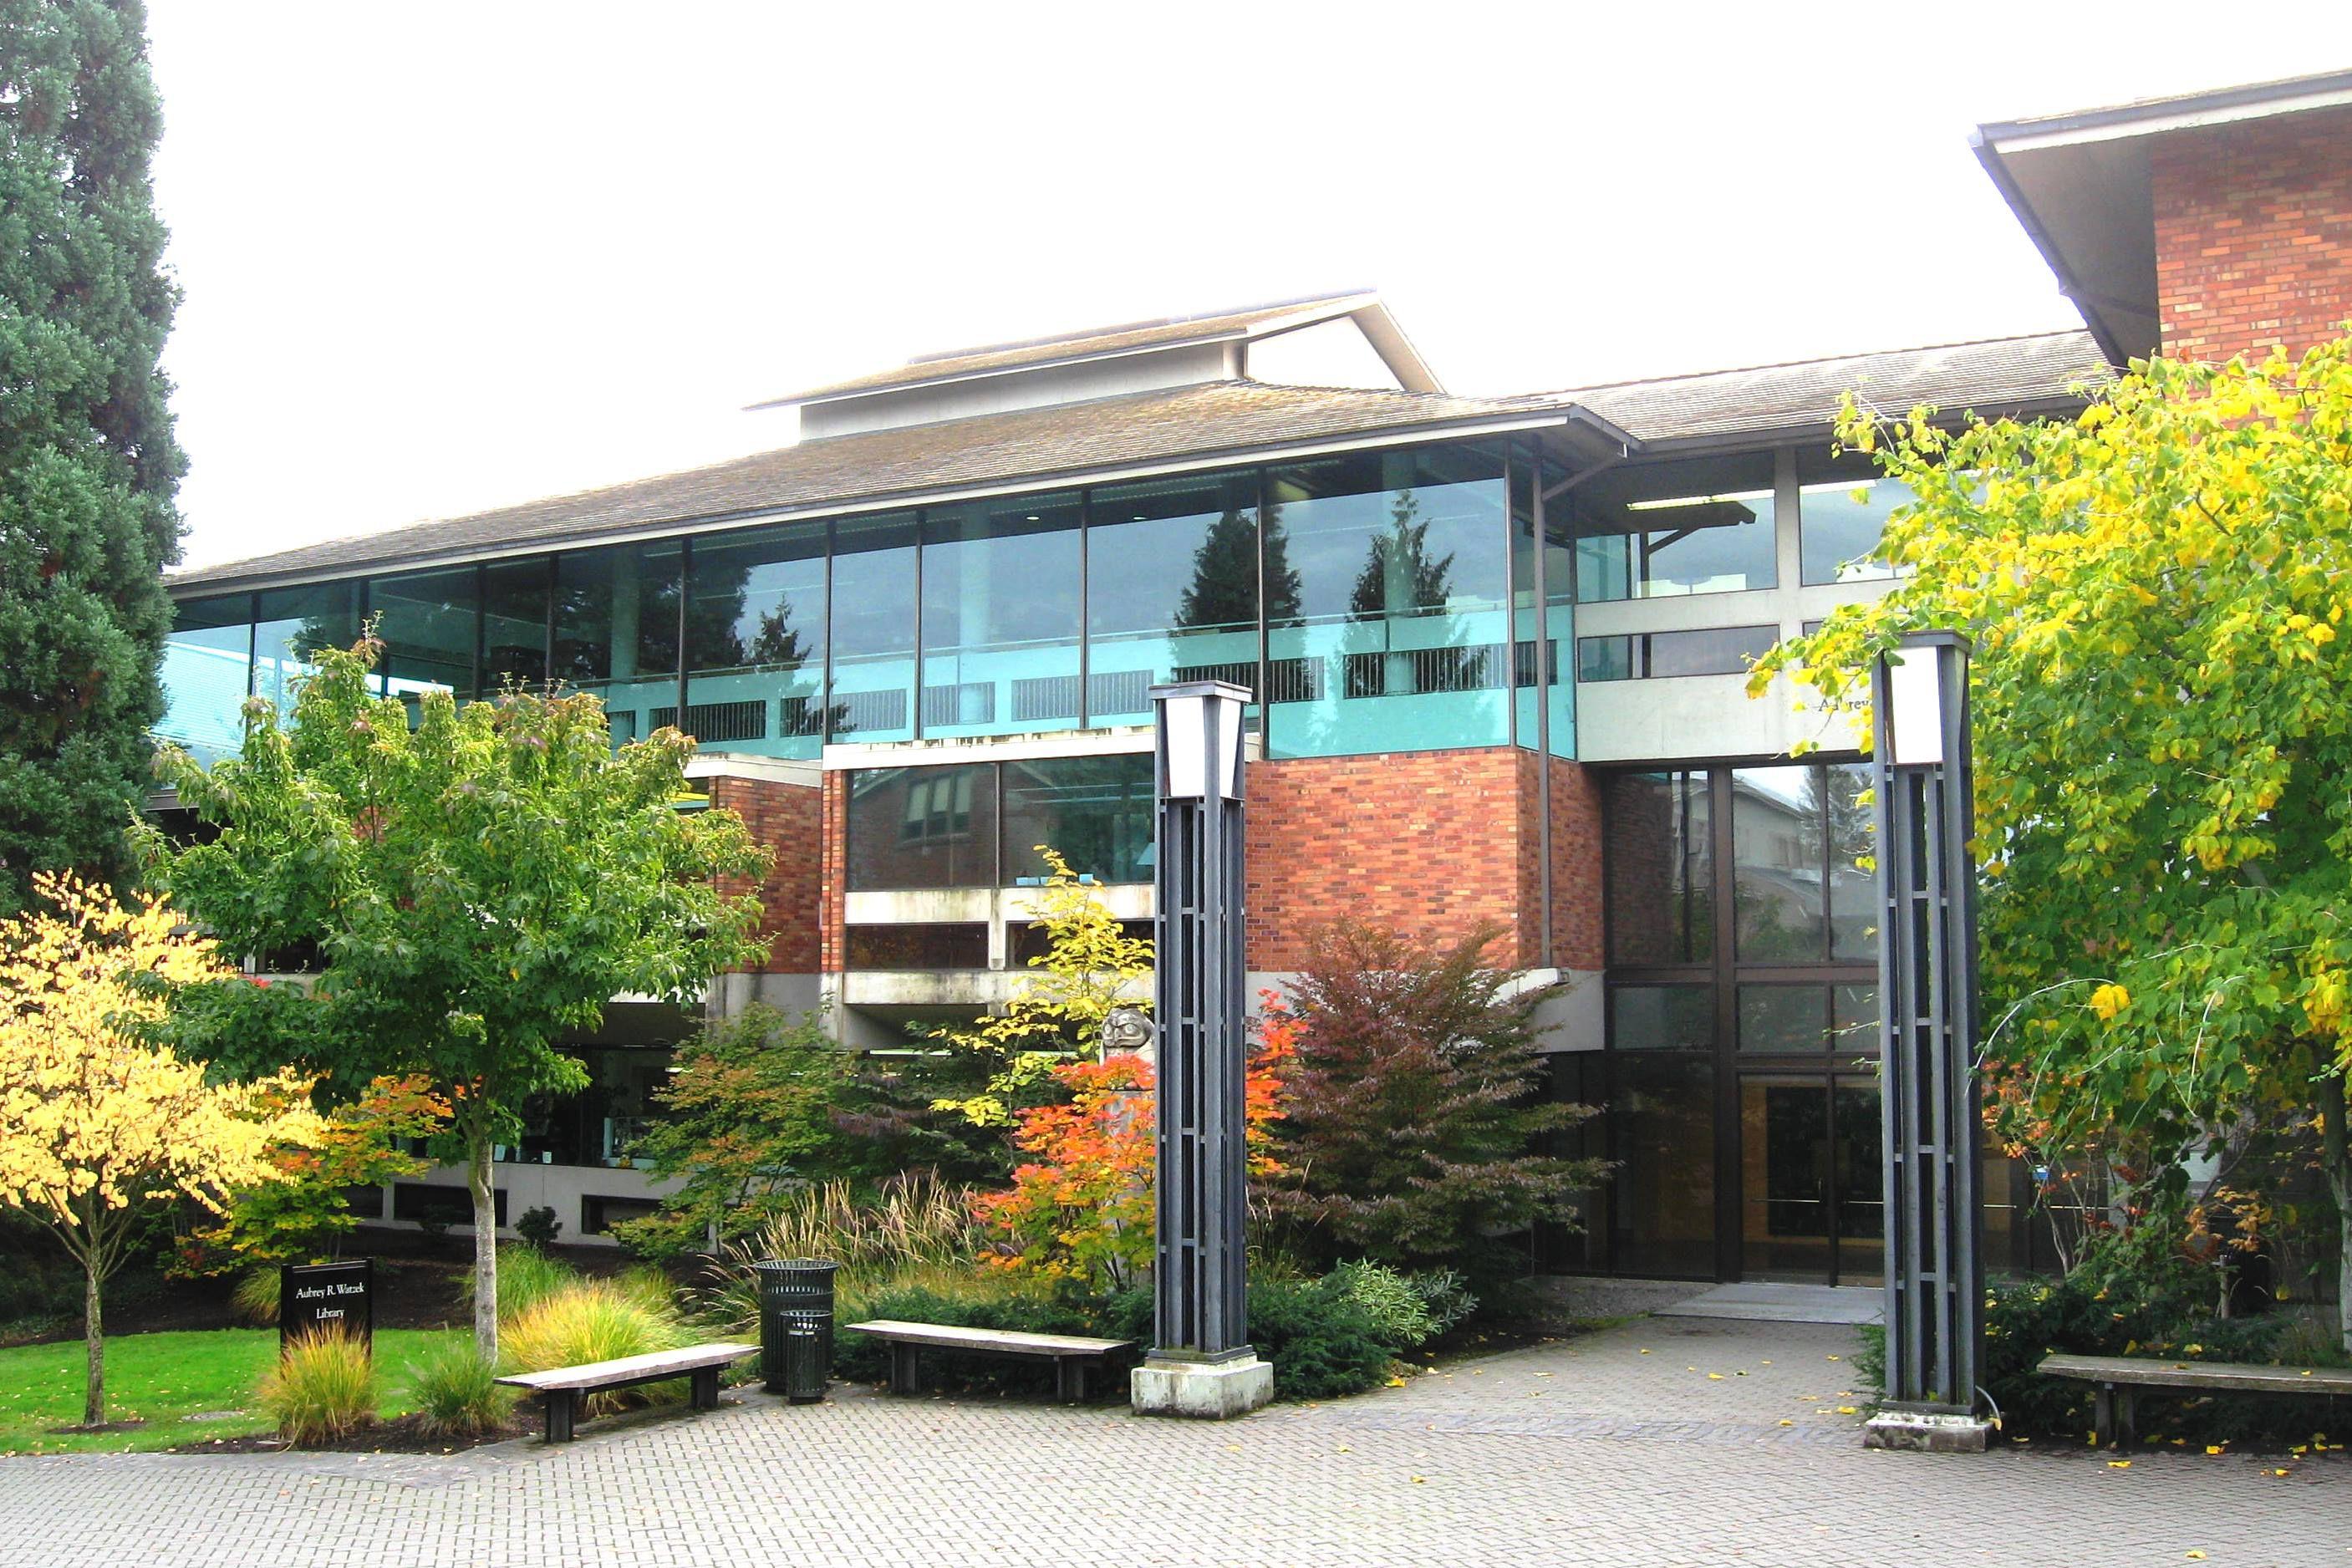 Watzek Library at Lewis & Clark College